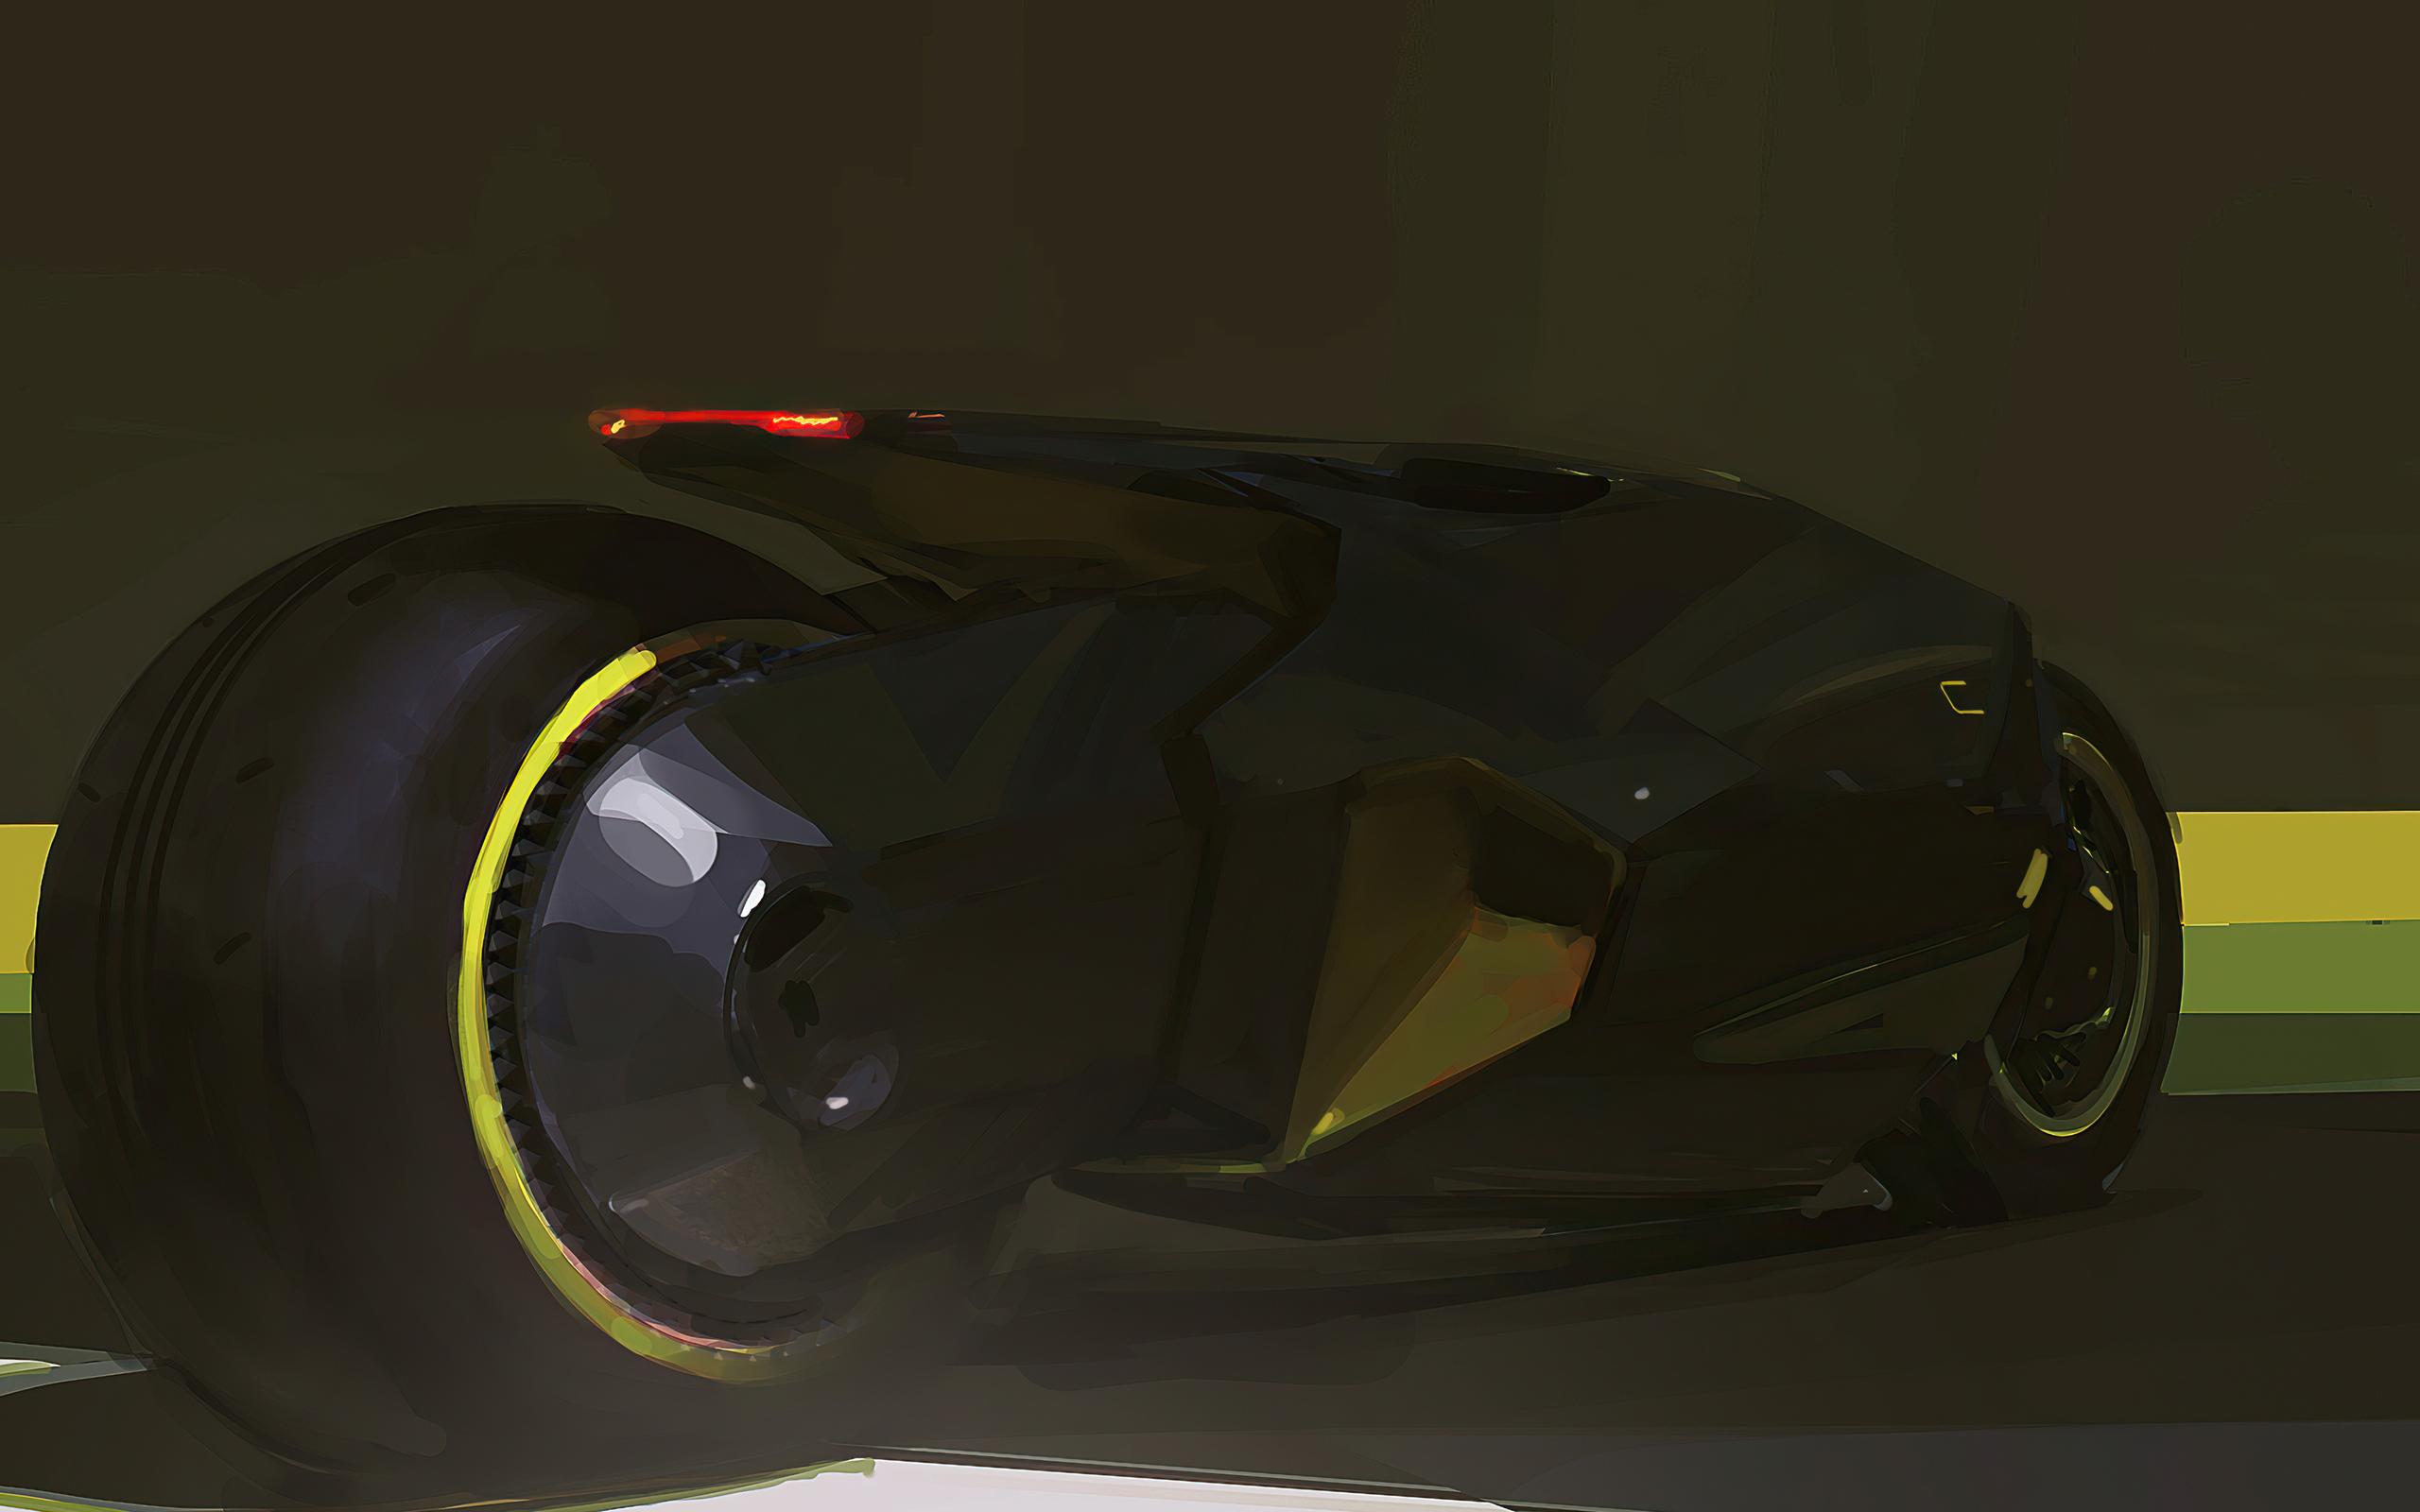 scifi-fat-tyre-bike-4k-fa.jpg